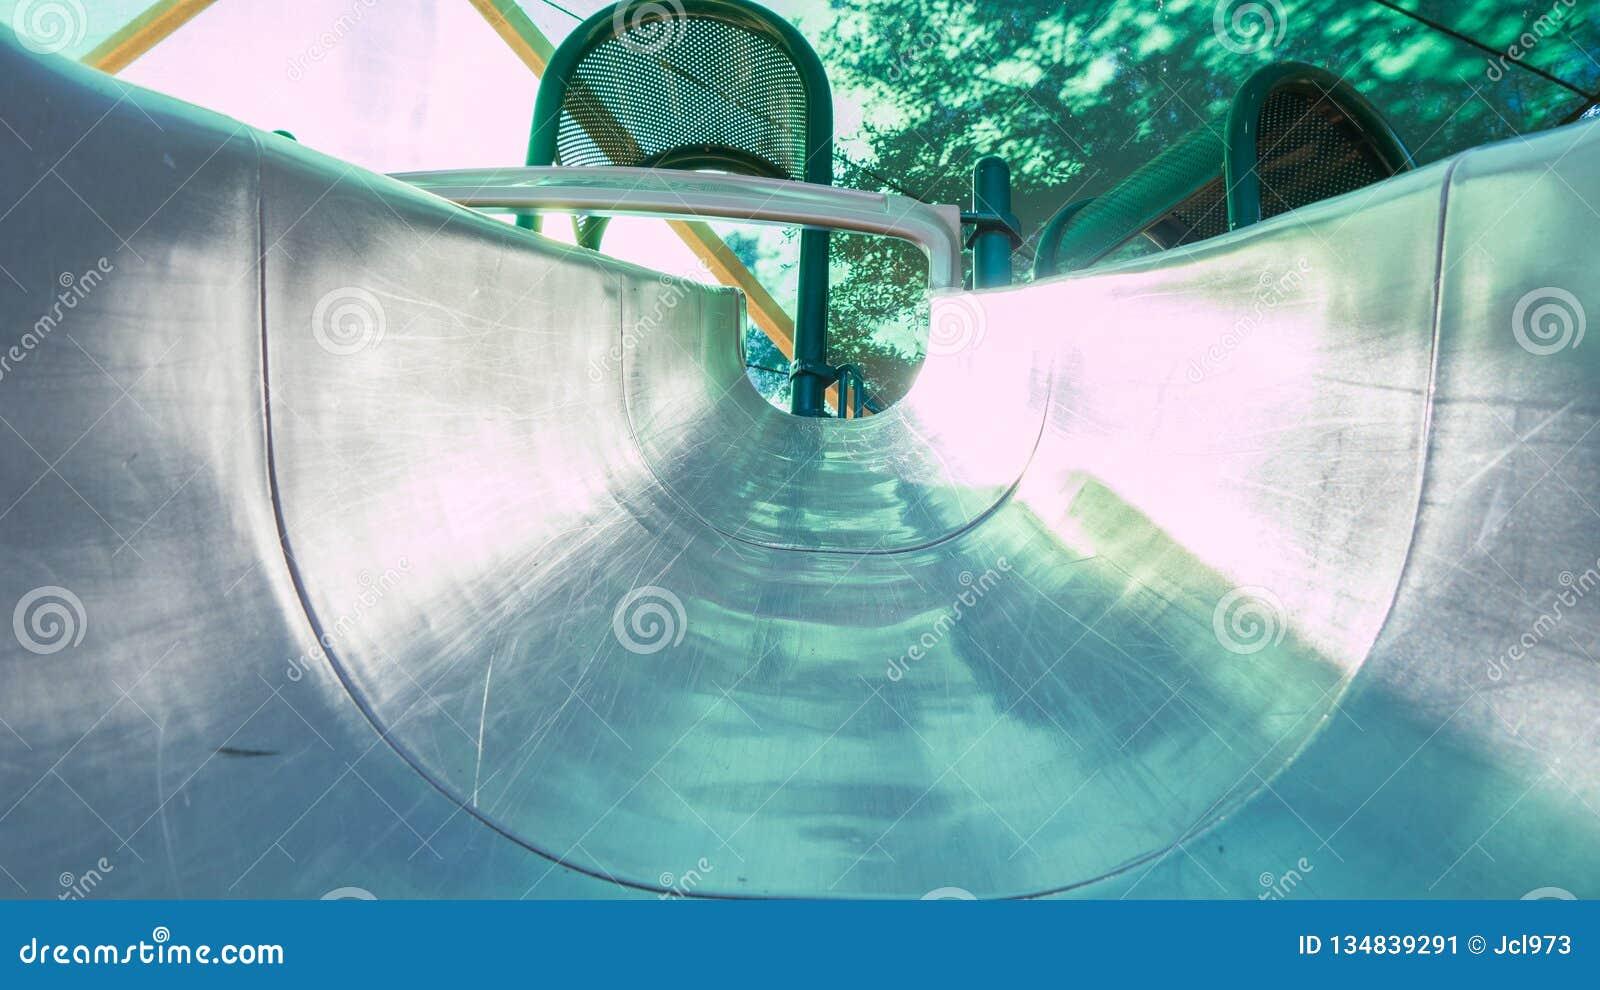 Ansicht eines Spielplatzdias, oben schauend zur Spitze von der Unterseite des Dias